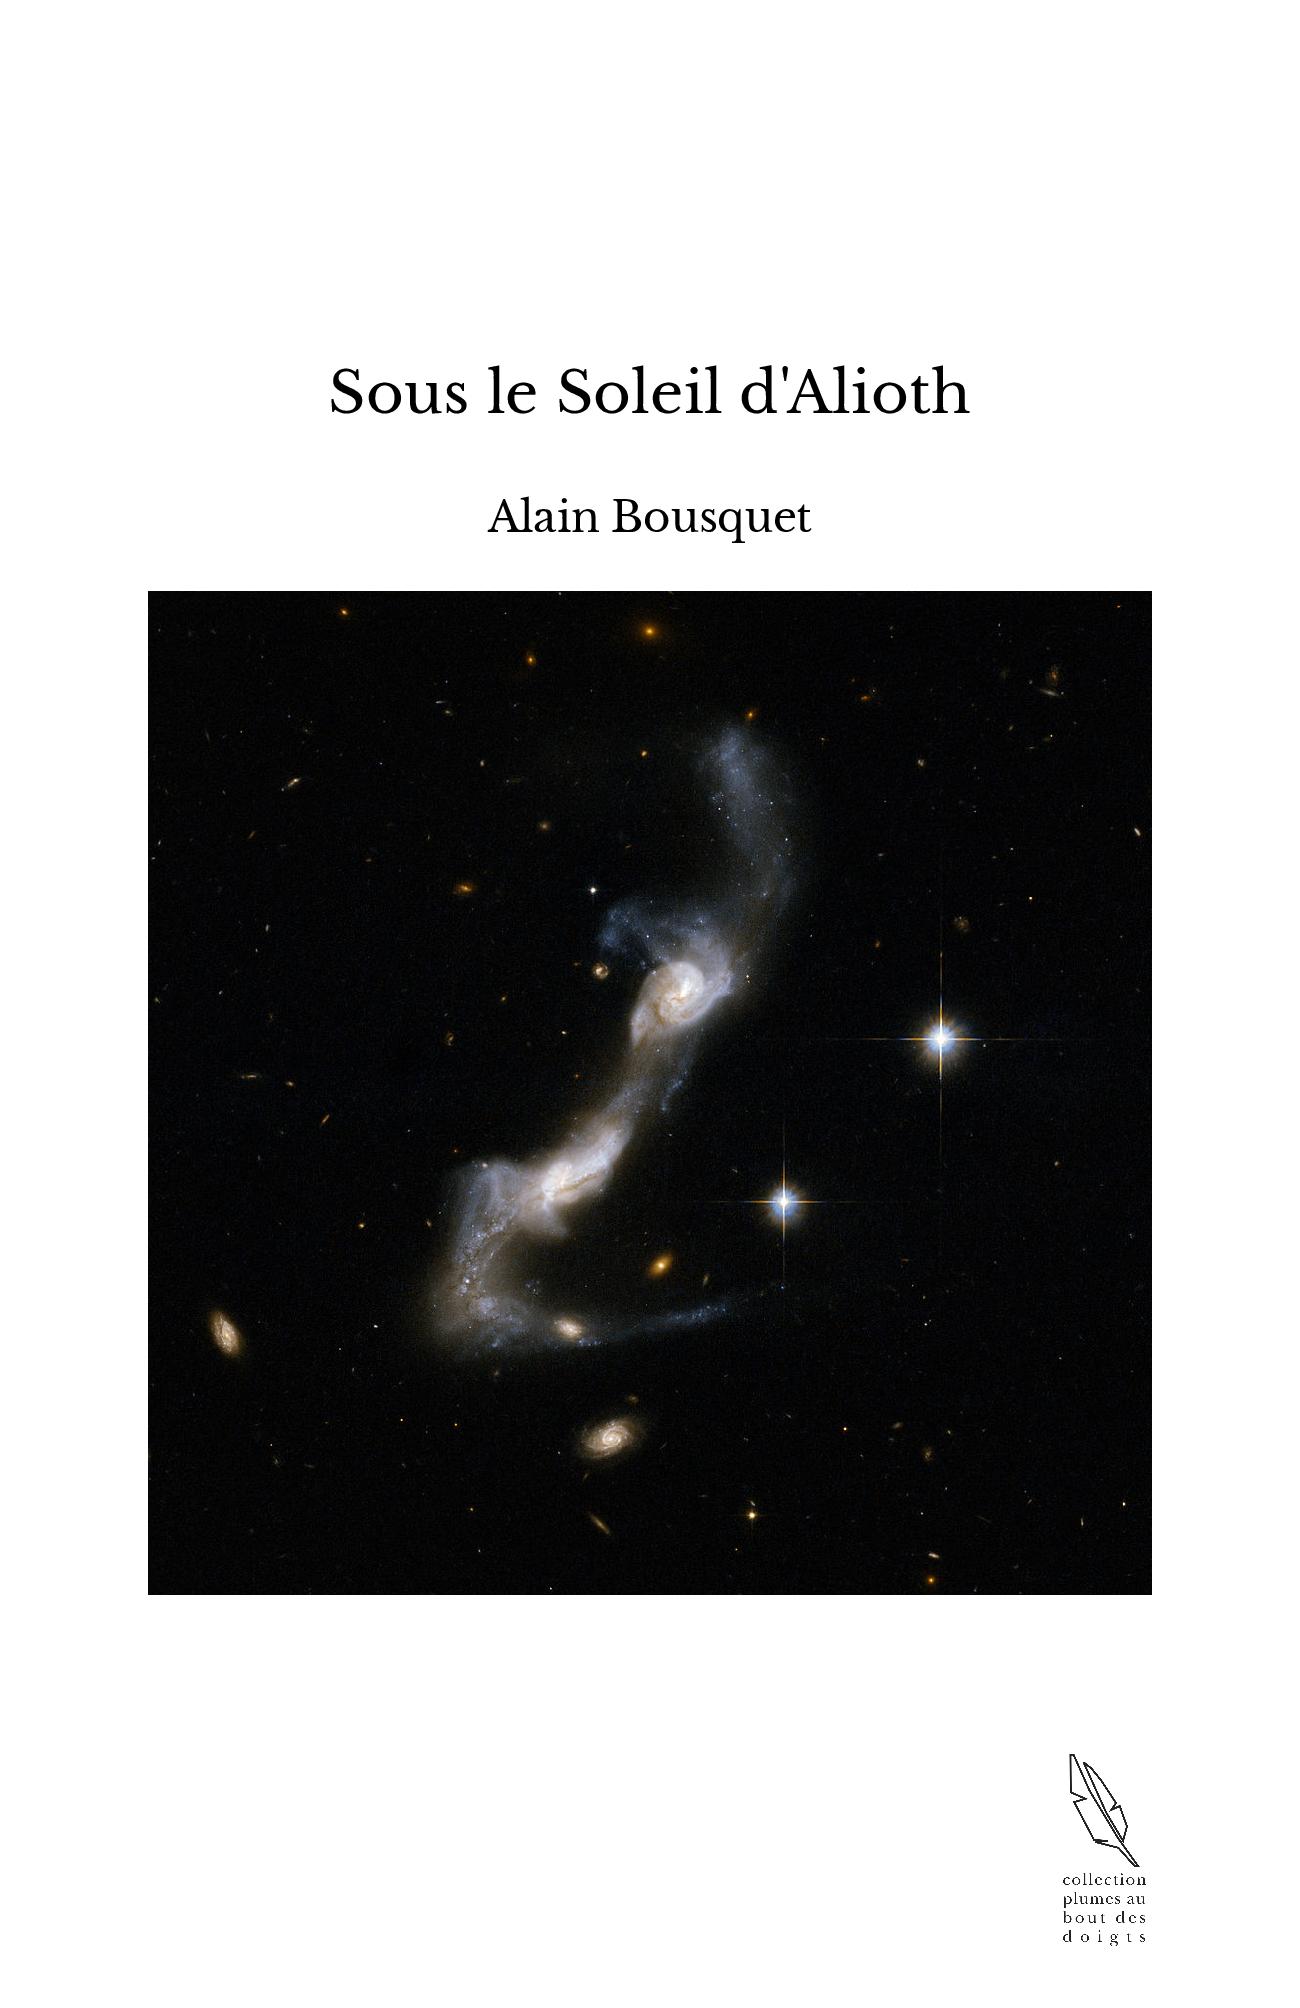 Sous le Soleil d'Alioth